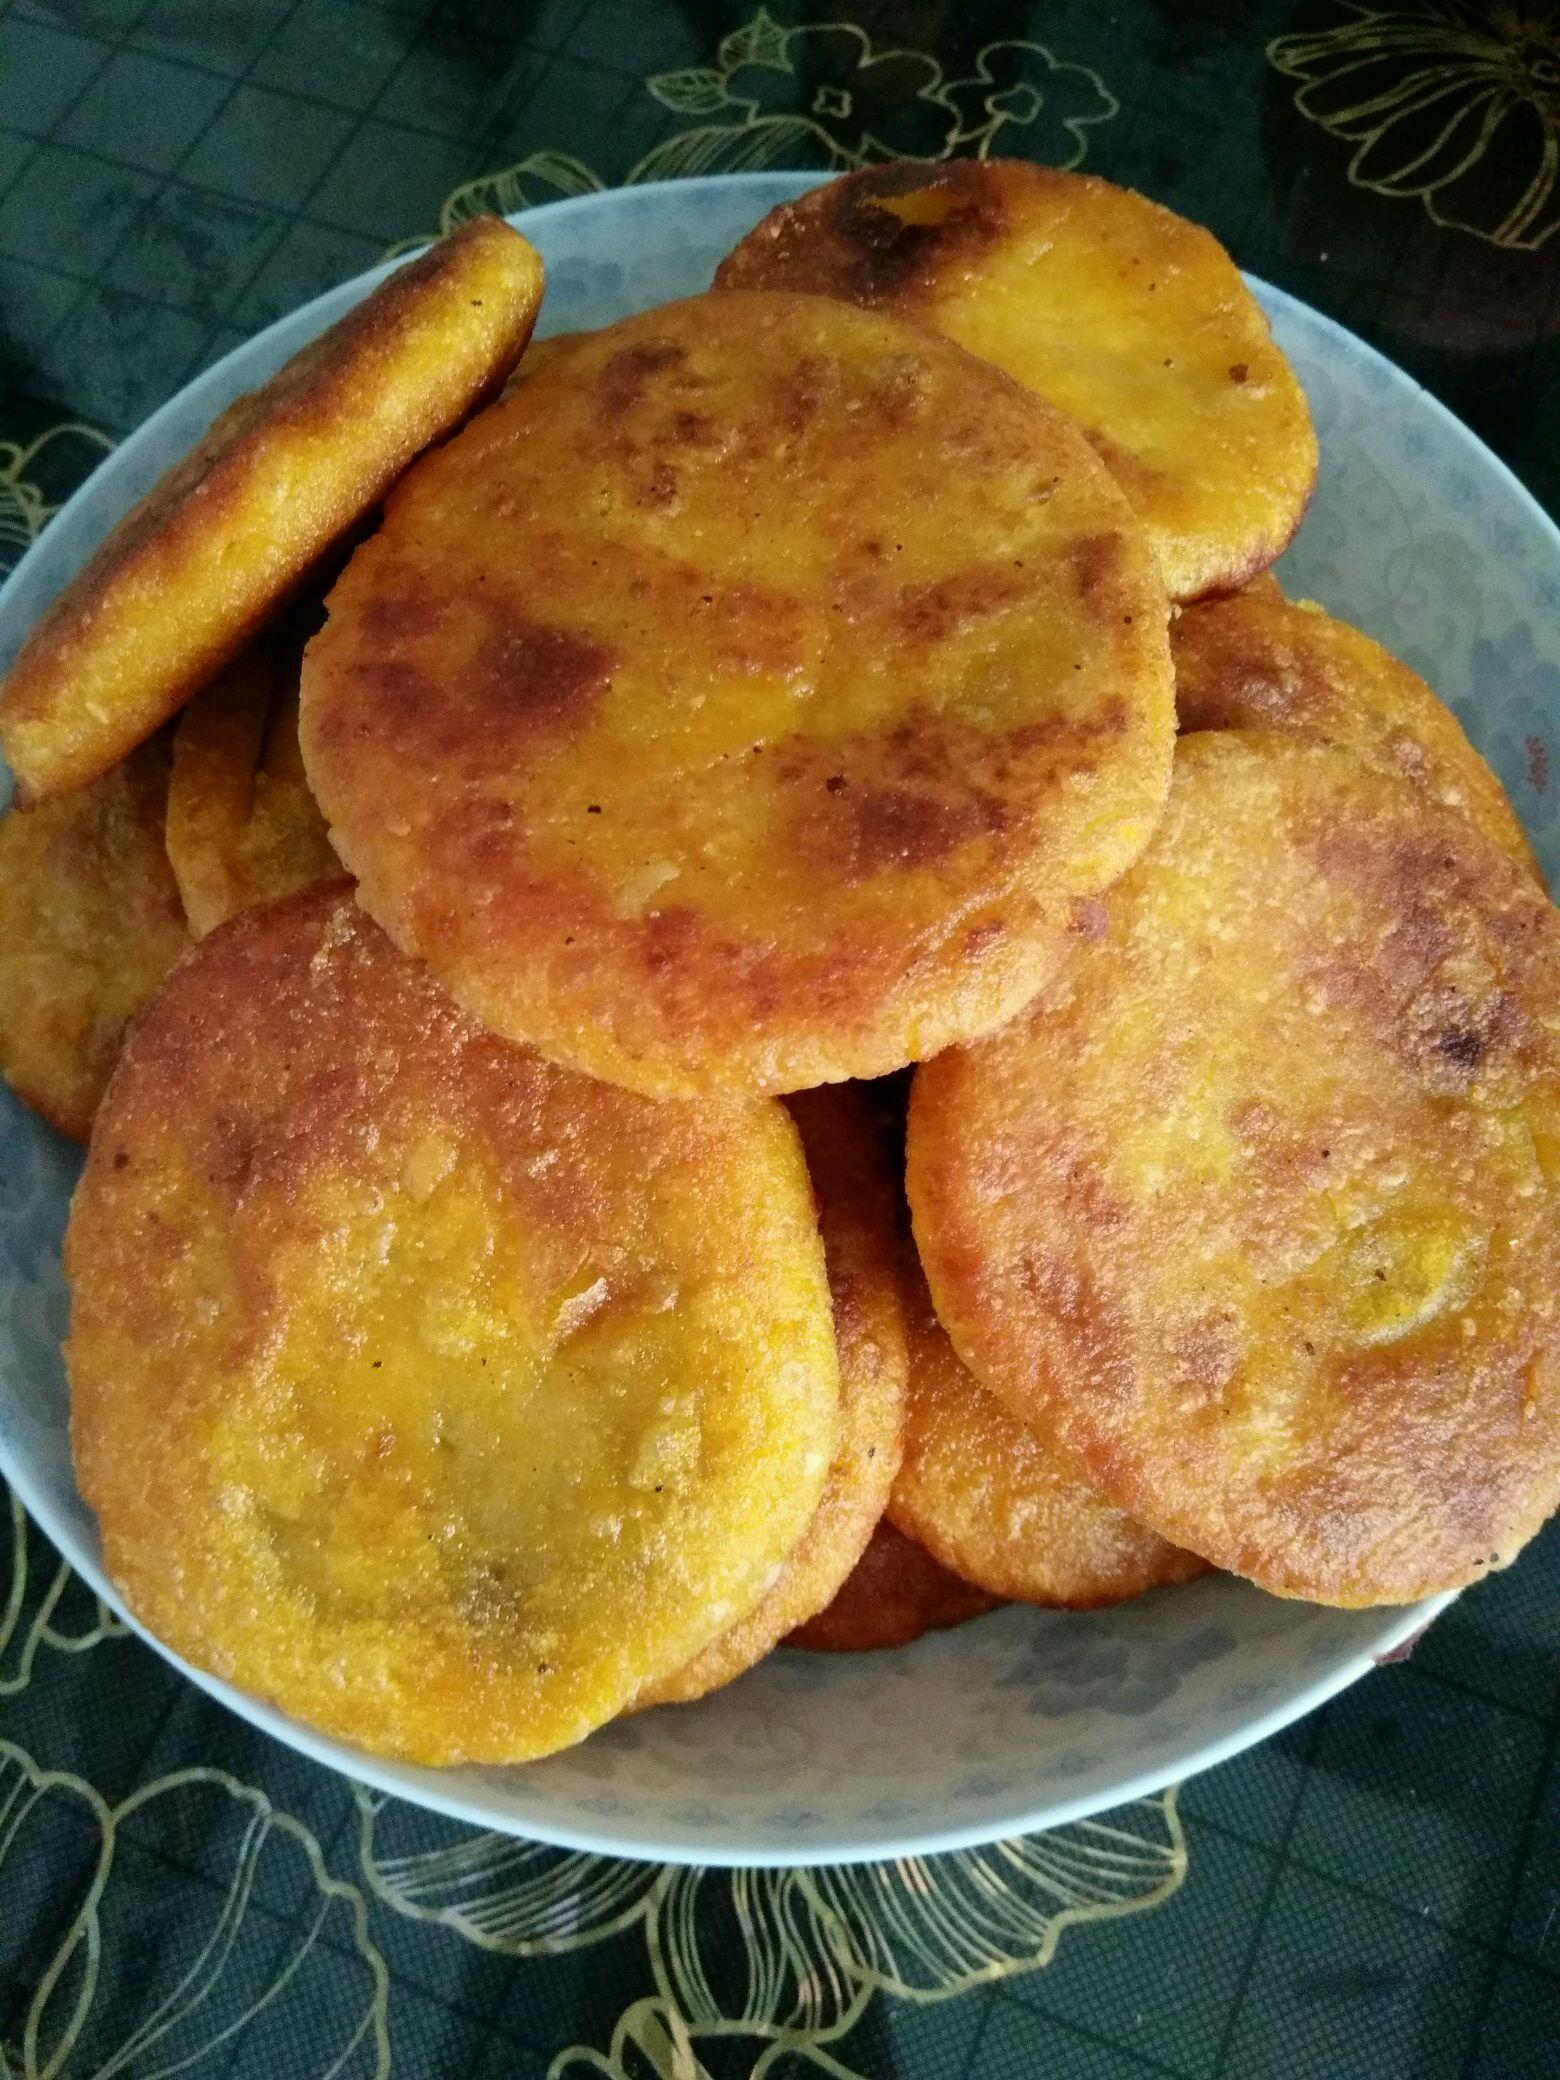 主料 半个 红豆沙半袋 水磨糯米粉300g 南瓜饼的做法步骤 小贴